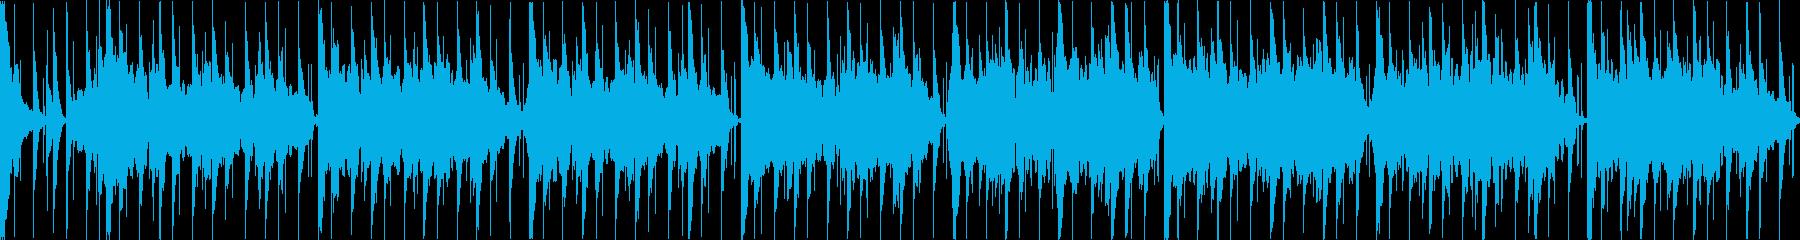 【ループ】あやしい雰囲気が漂うインド風の再生済みの波形